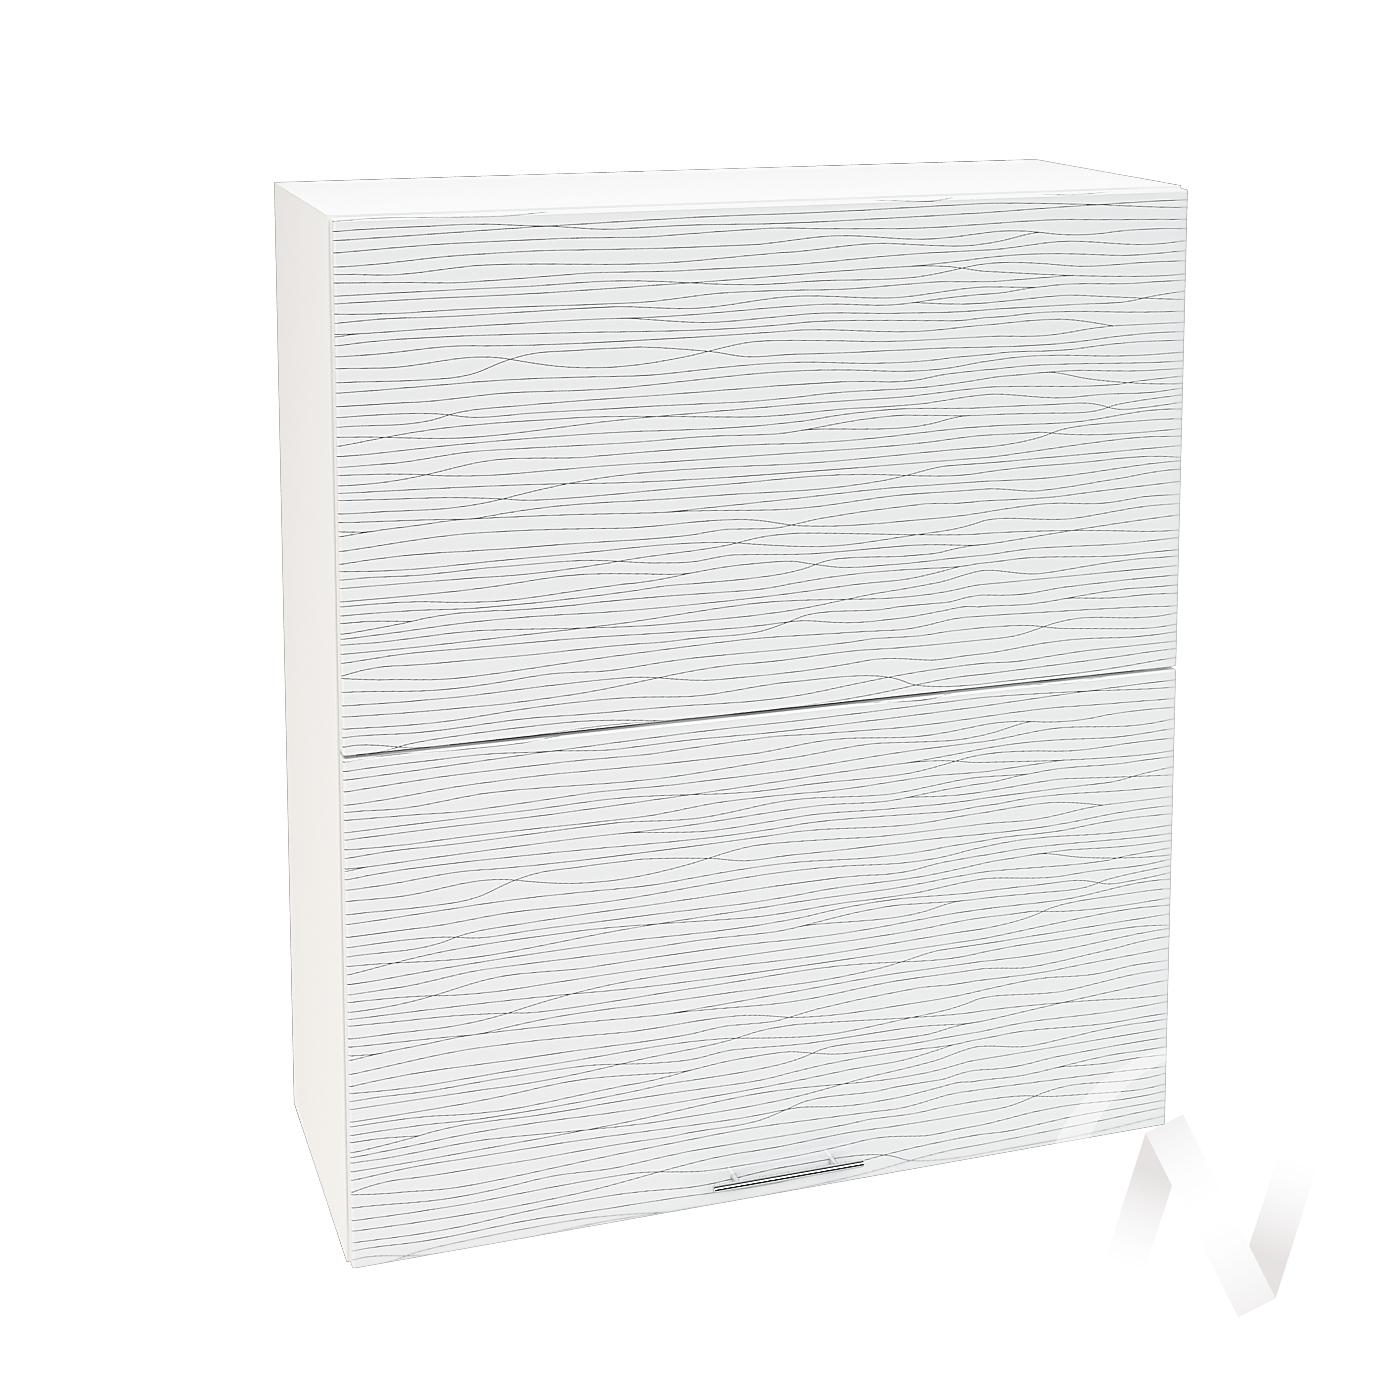 """Кухня """"Валерия-М"""": Шкаф верхний горизонтальный 802, ШВГ 802 (Страйп белый/корпус белый)"""